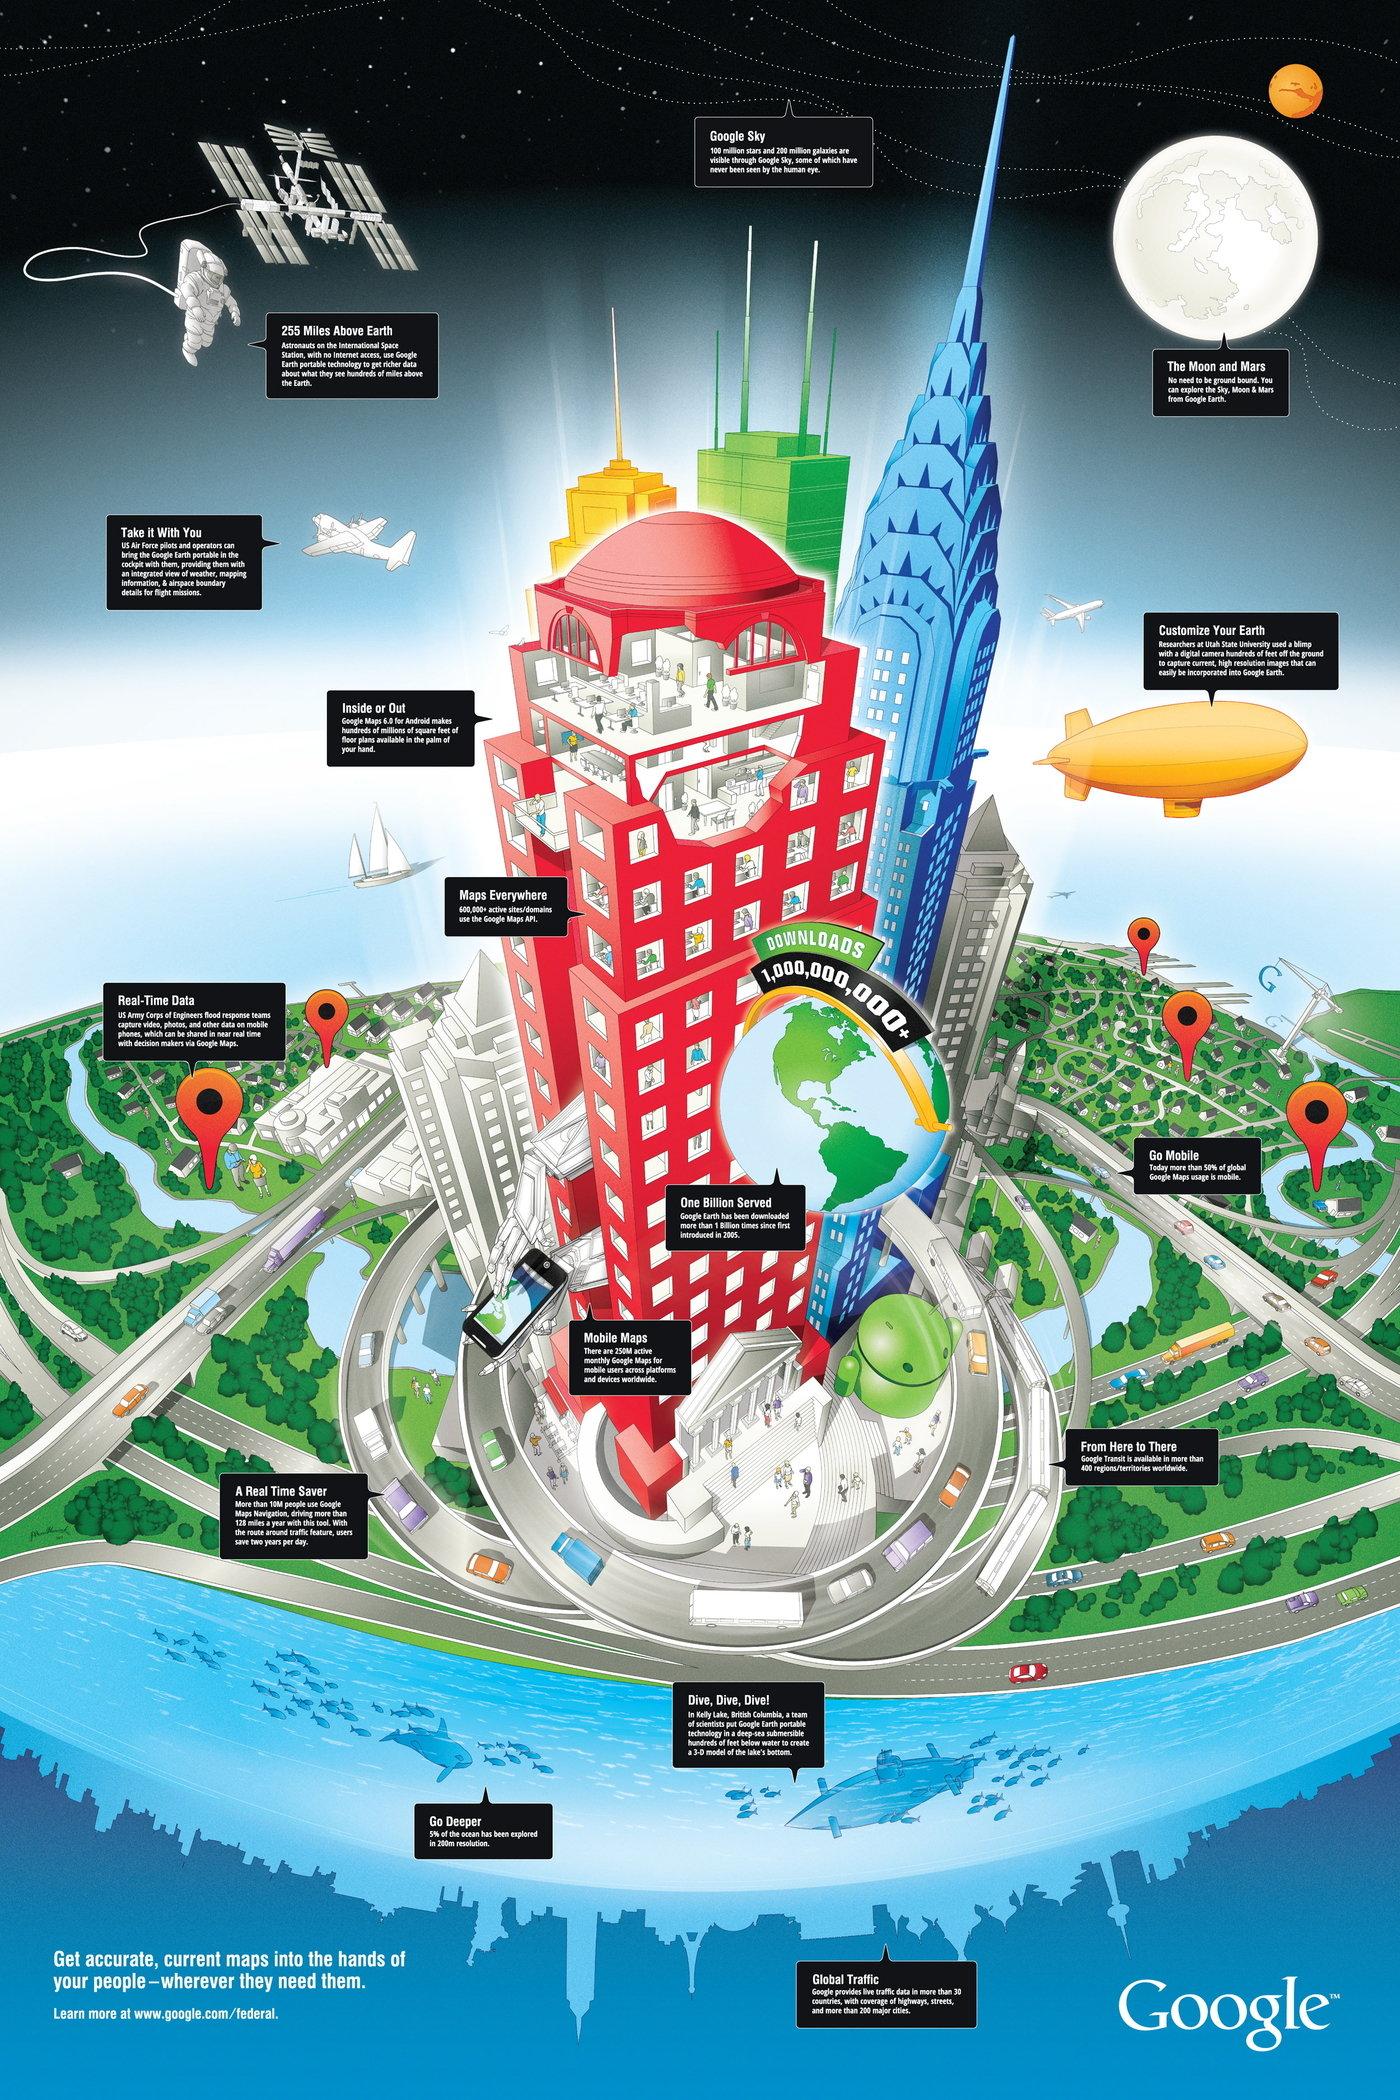 Google Earth Poster by Max Hancock at Coroflot com